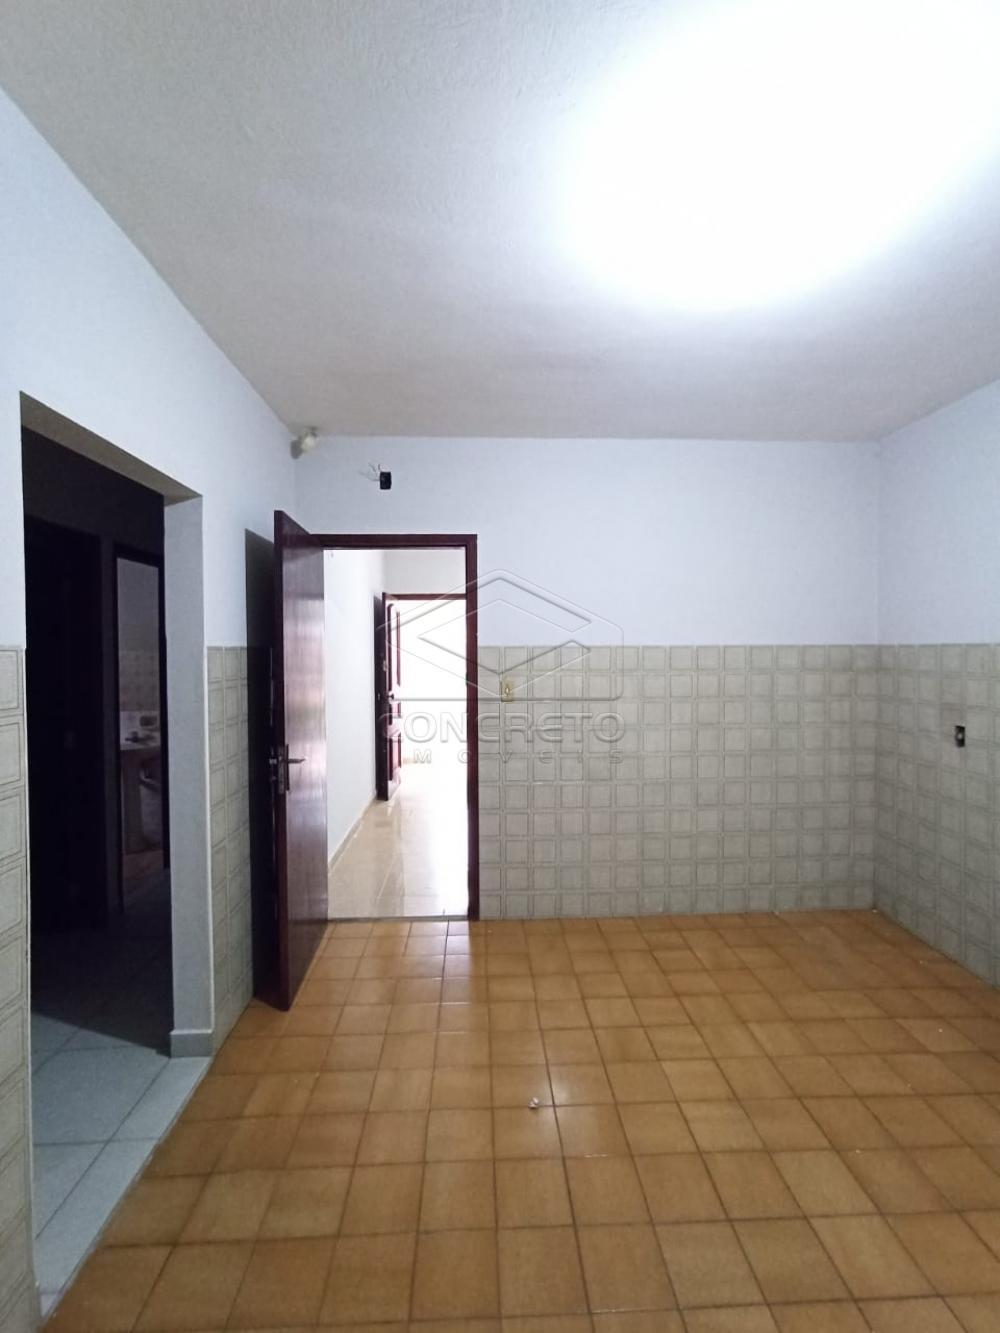 Alugar Casa / Padrão em Bauru apenas R$ 950,00 - Foto 2